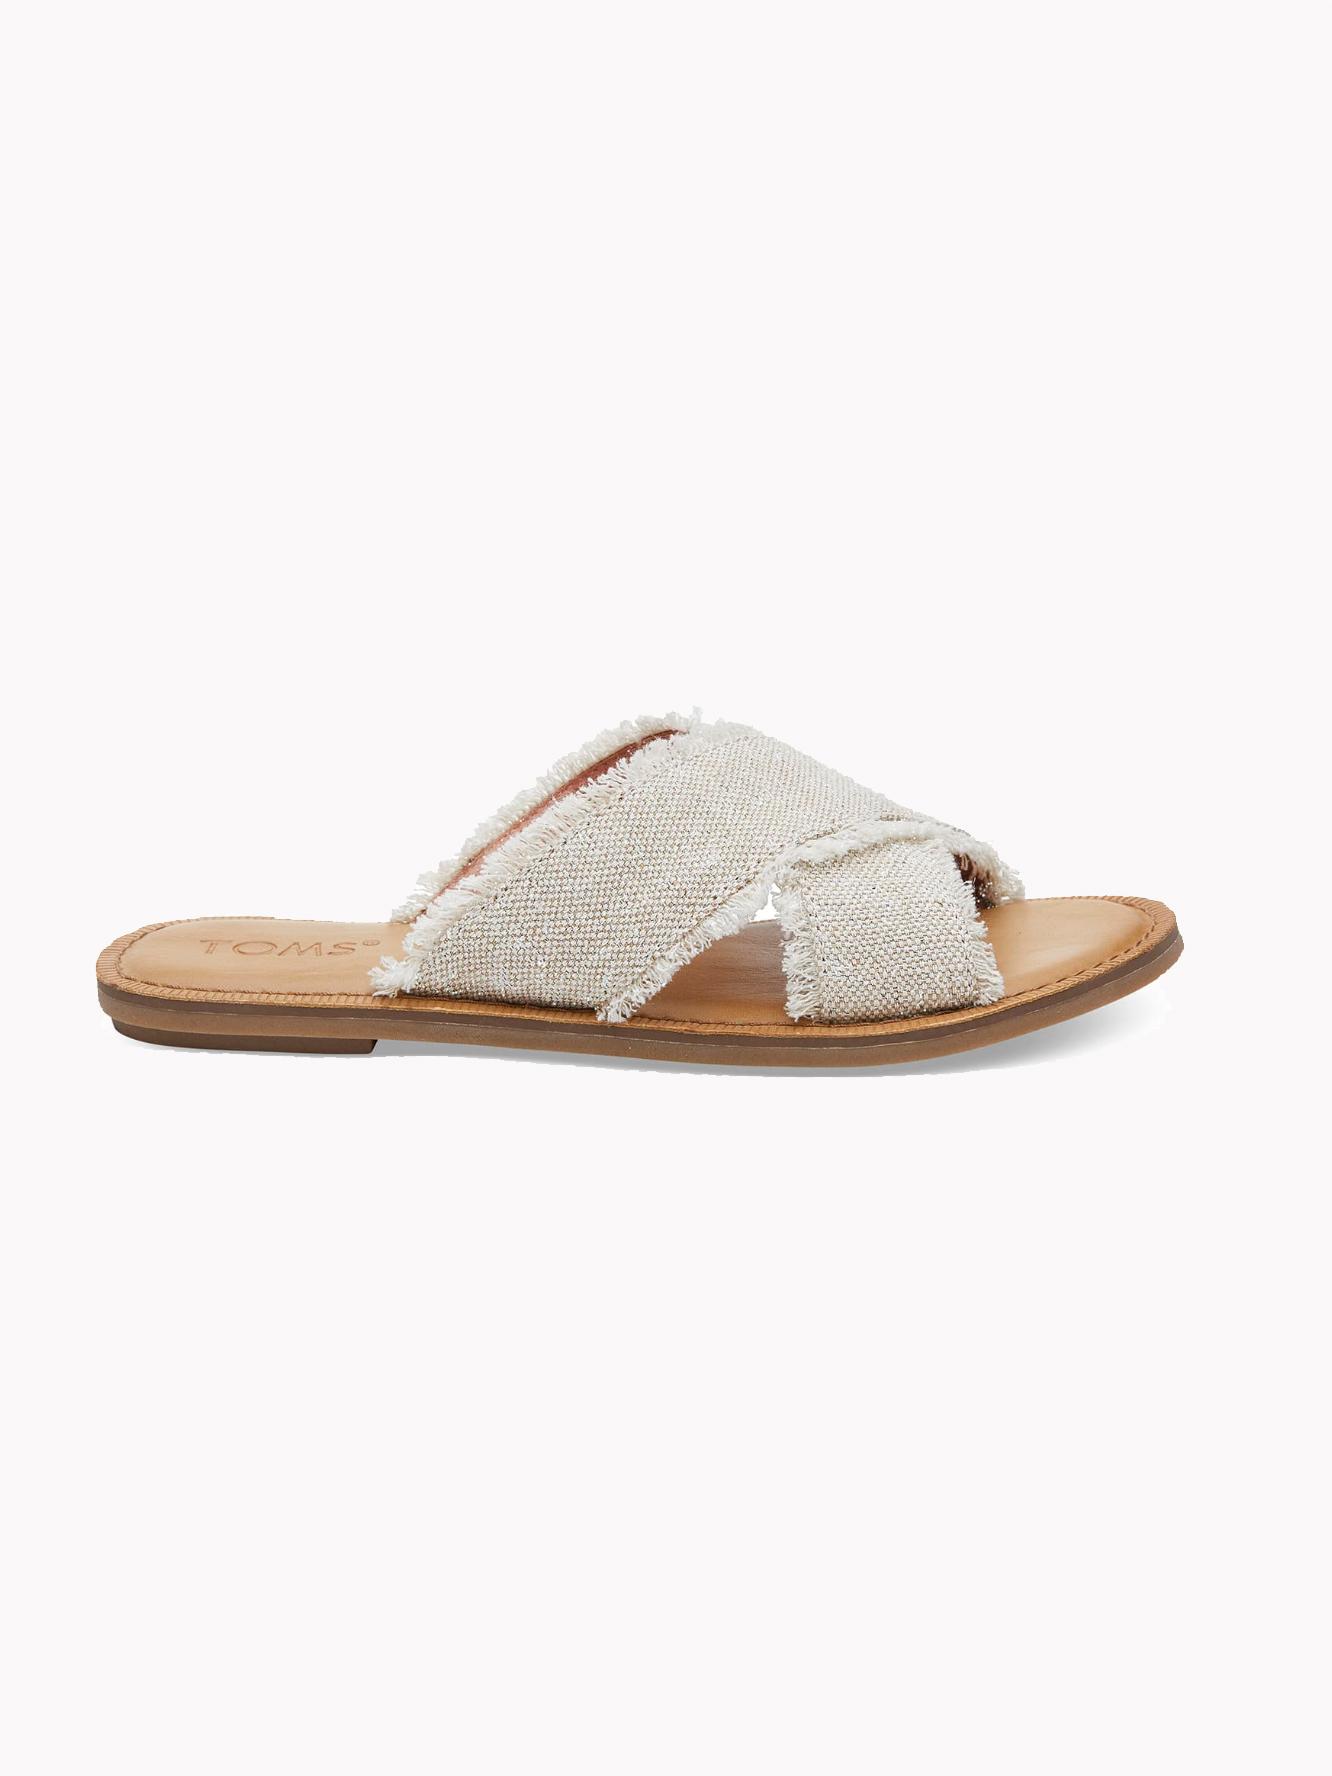 Vegan Sandals // Toms - Metallic Women's Viv Sandals